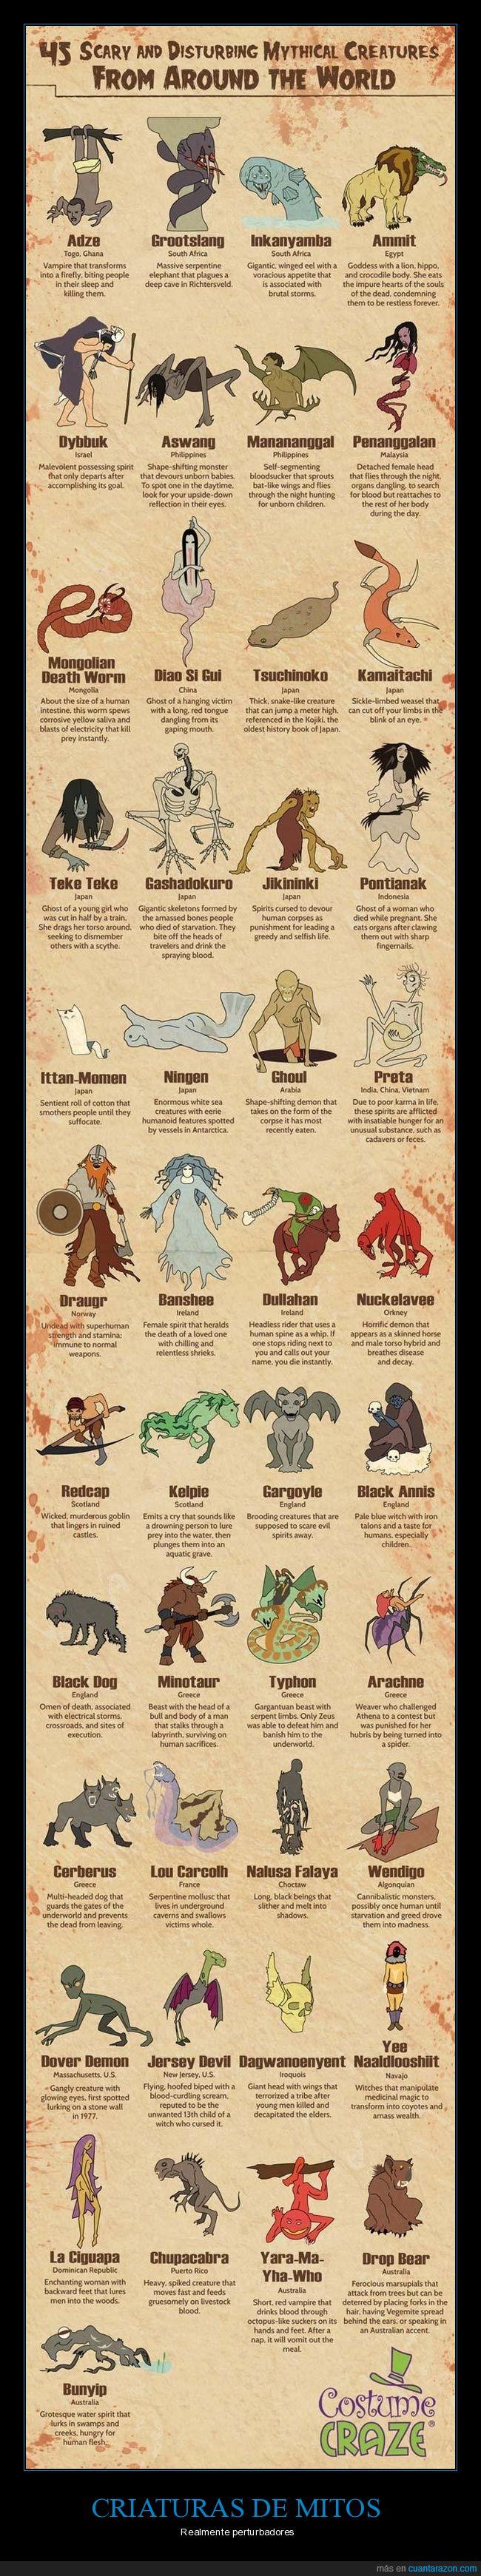 mitologia,mitos,paises,perturbantes